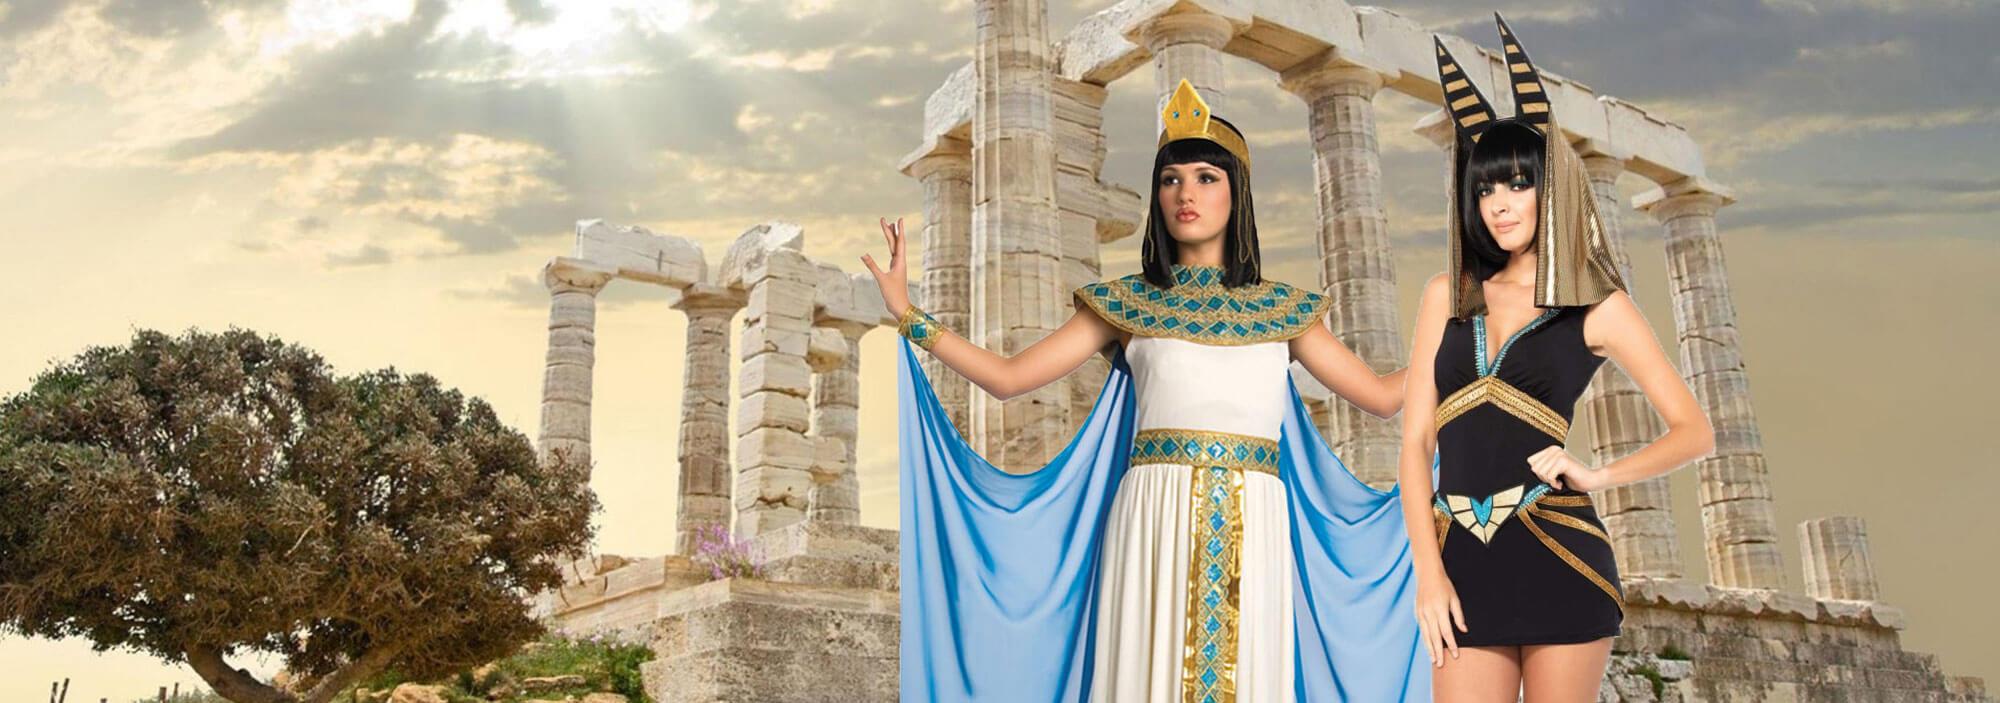 Roman, Greek Fancy Dress